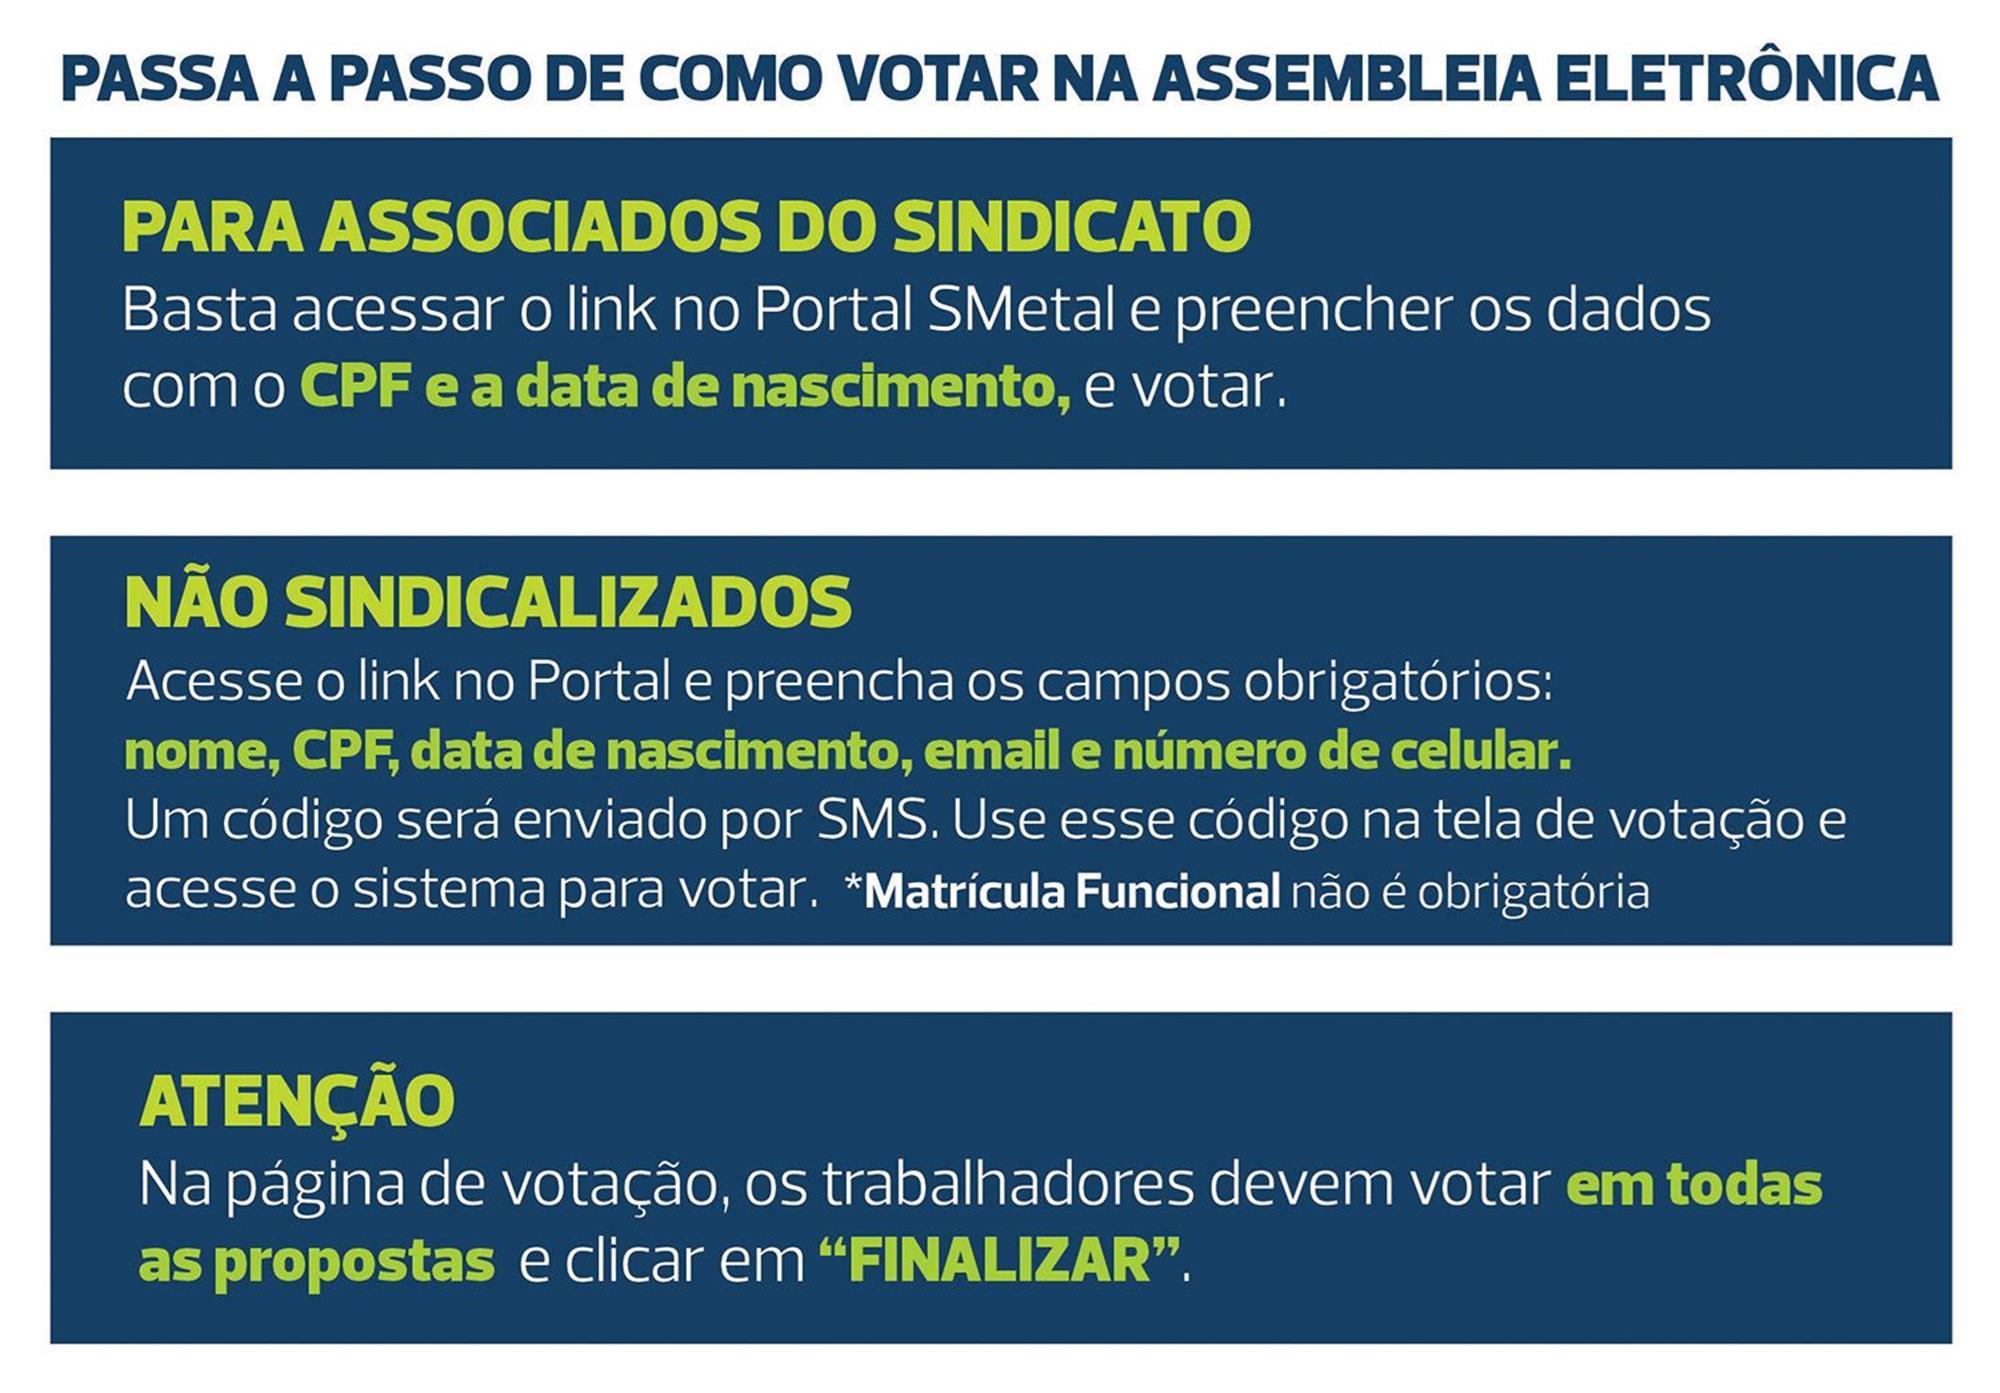 passo, assembleia, eletrônica, votação, campanha, Divulgação